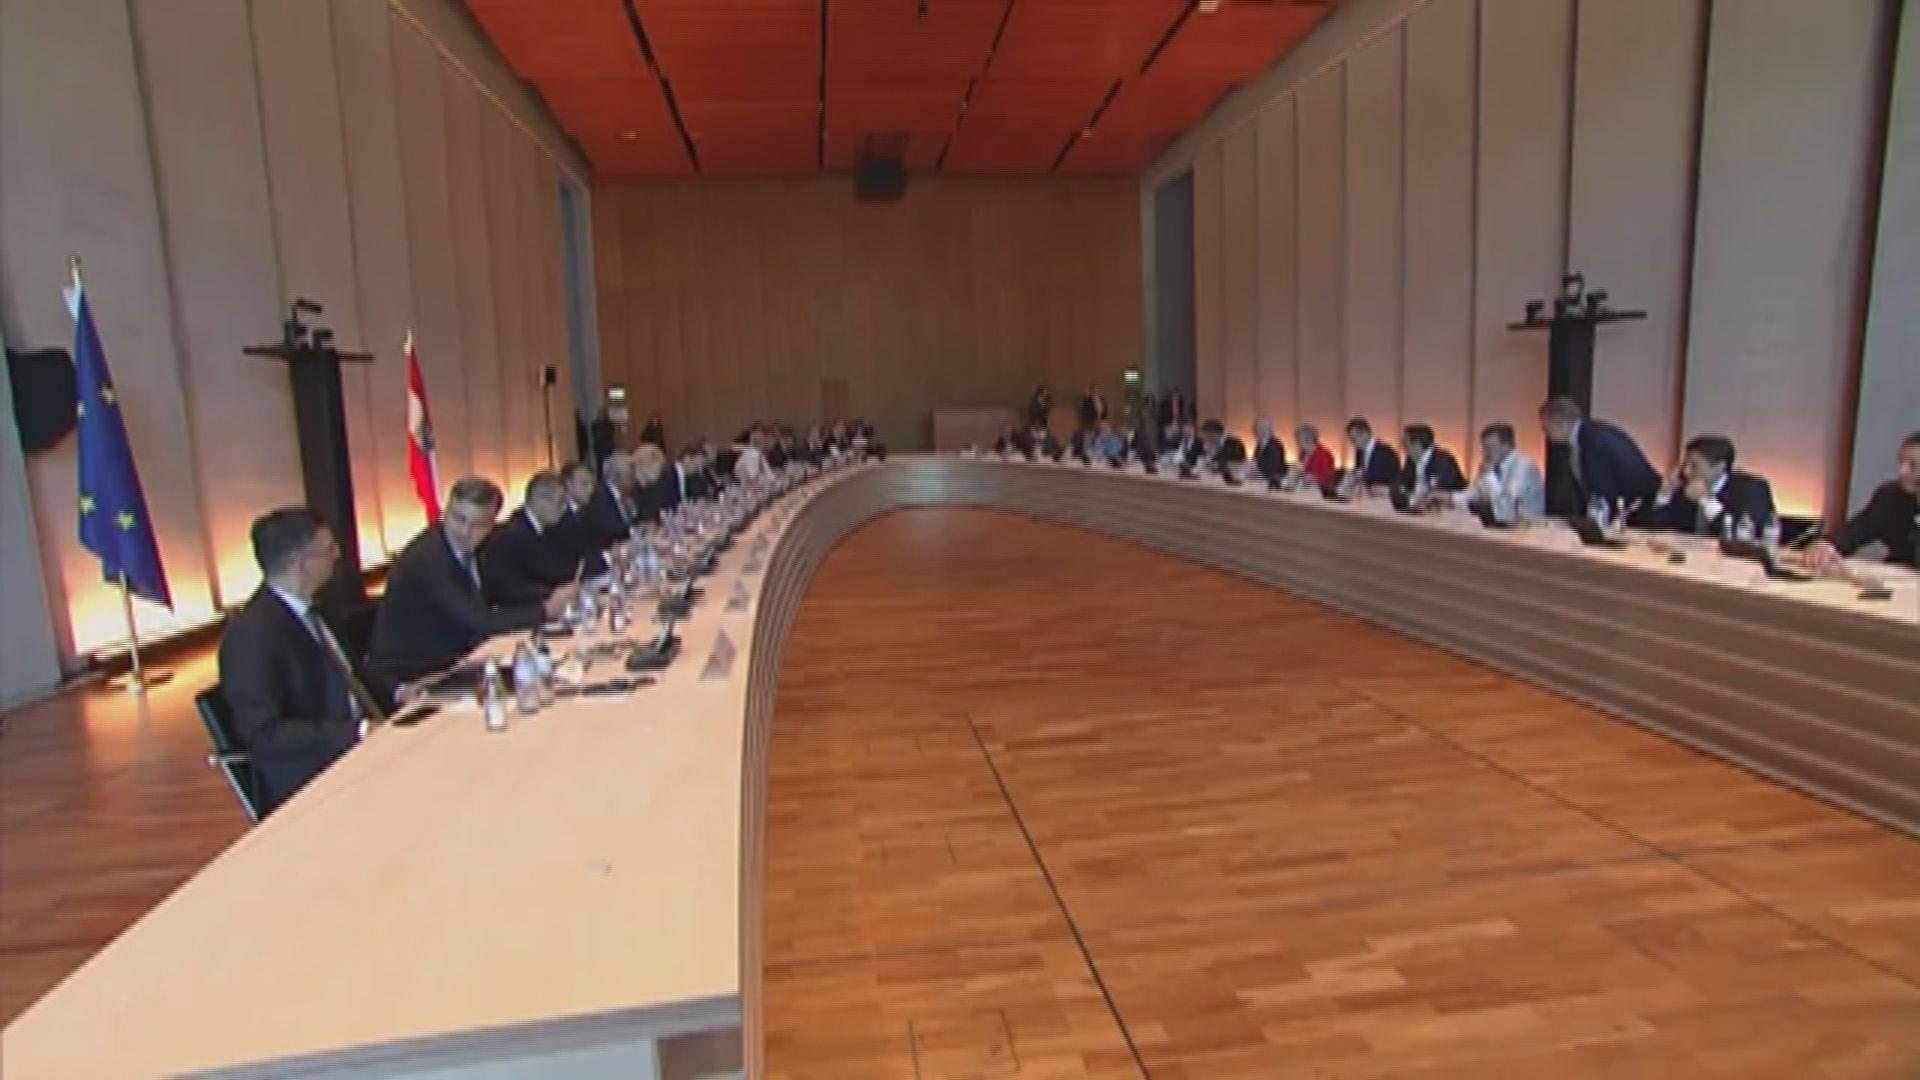 歐盟奧地利非正式峰會不歡而散